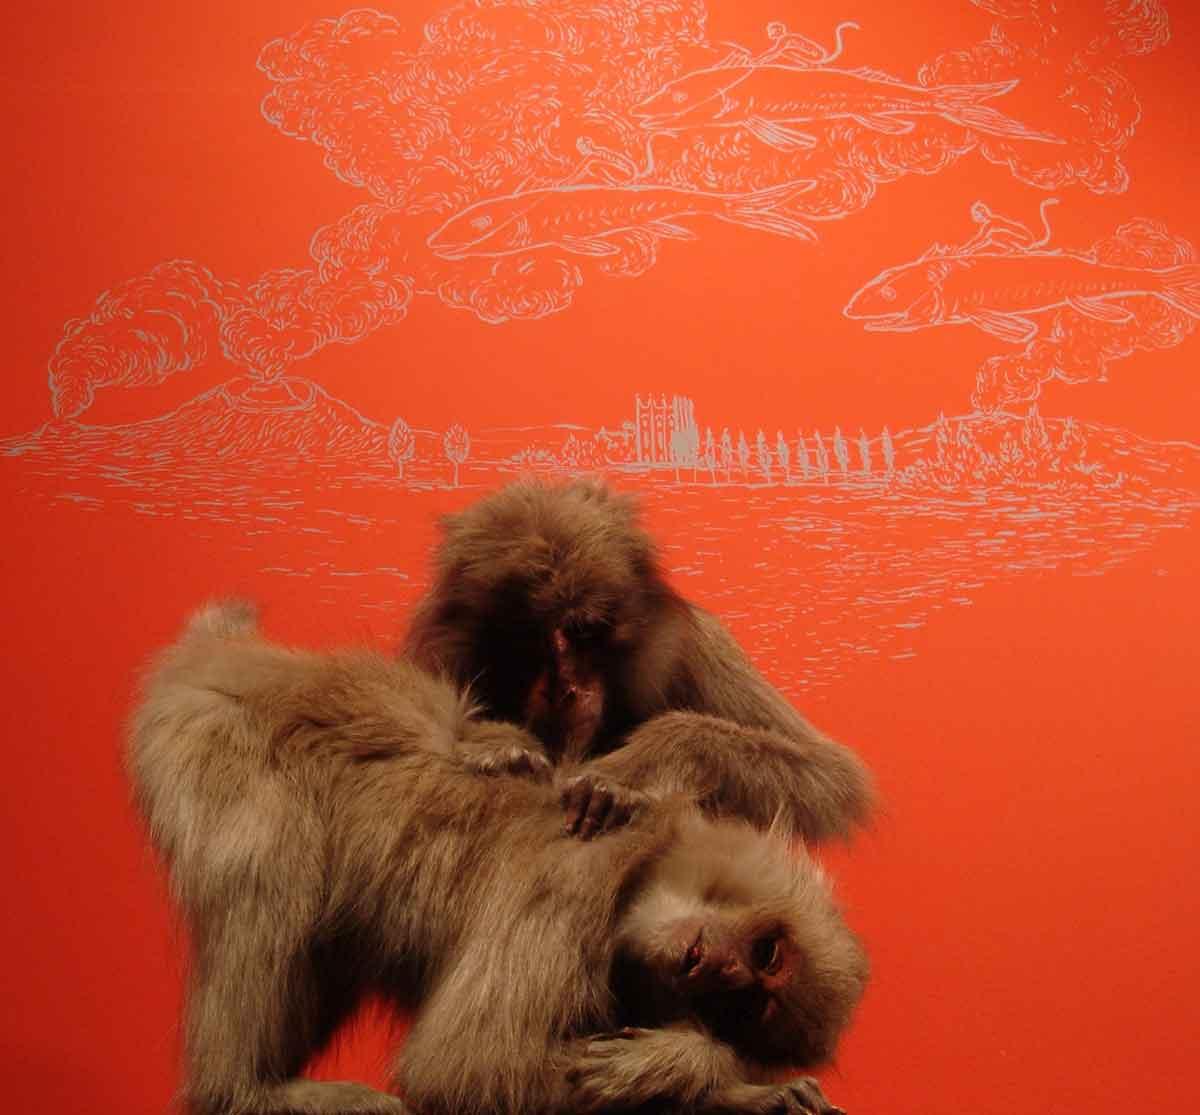 les-poux-des-macaques - philippe poirier